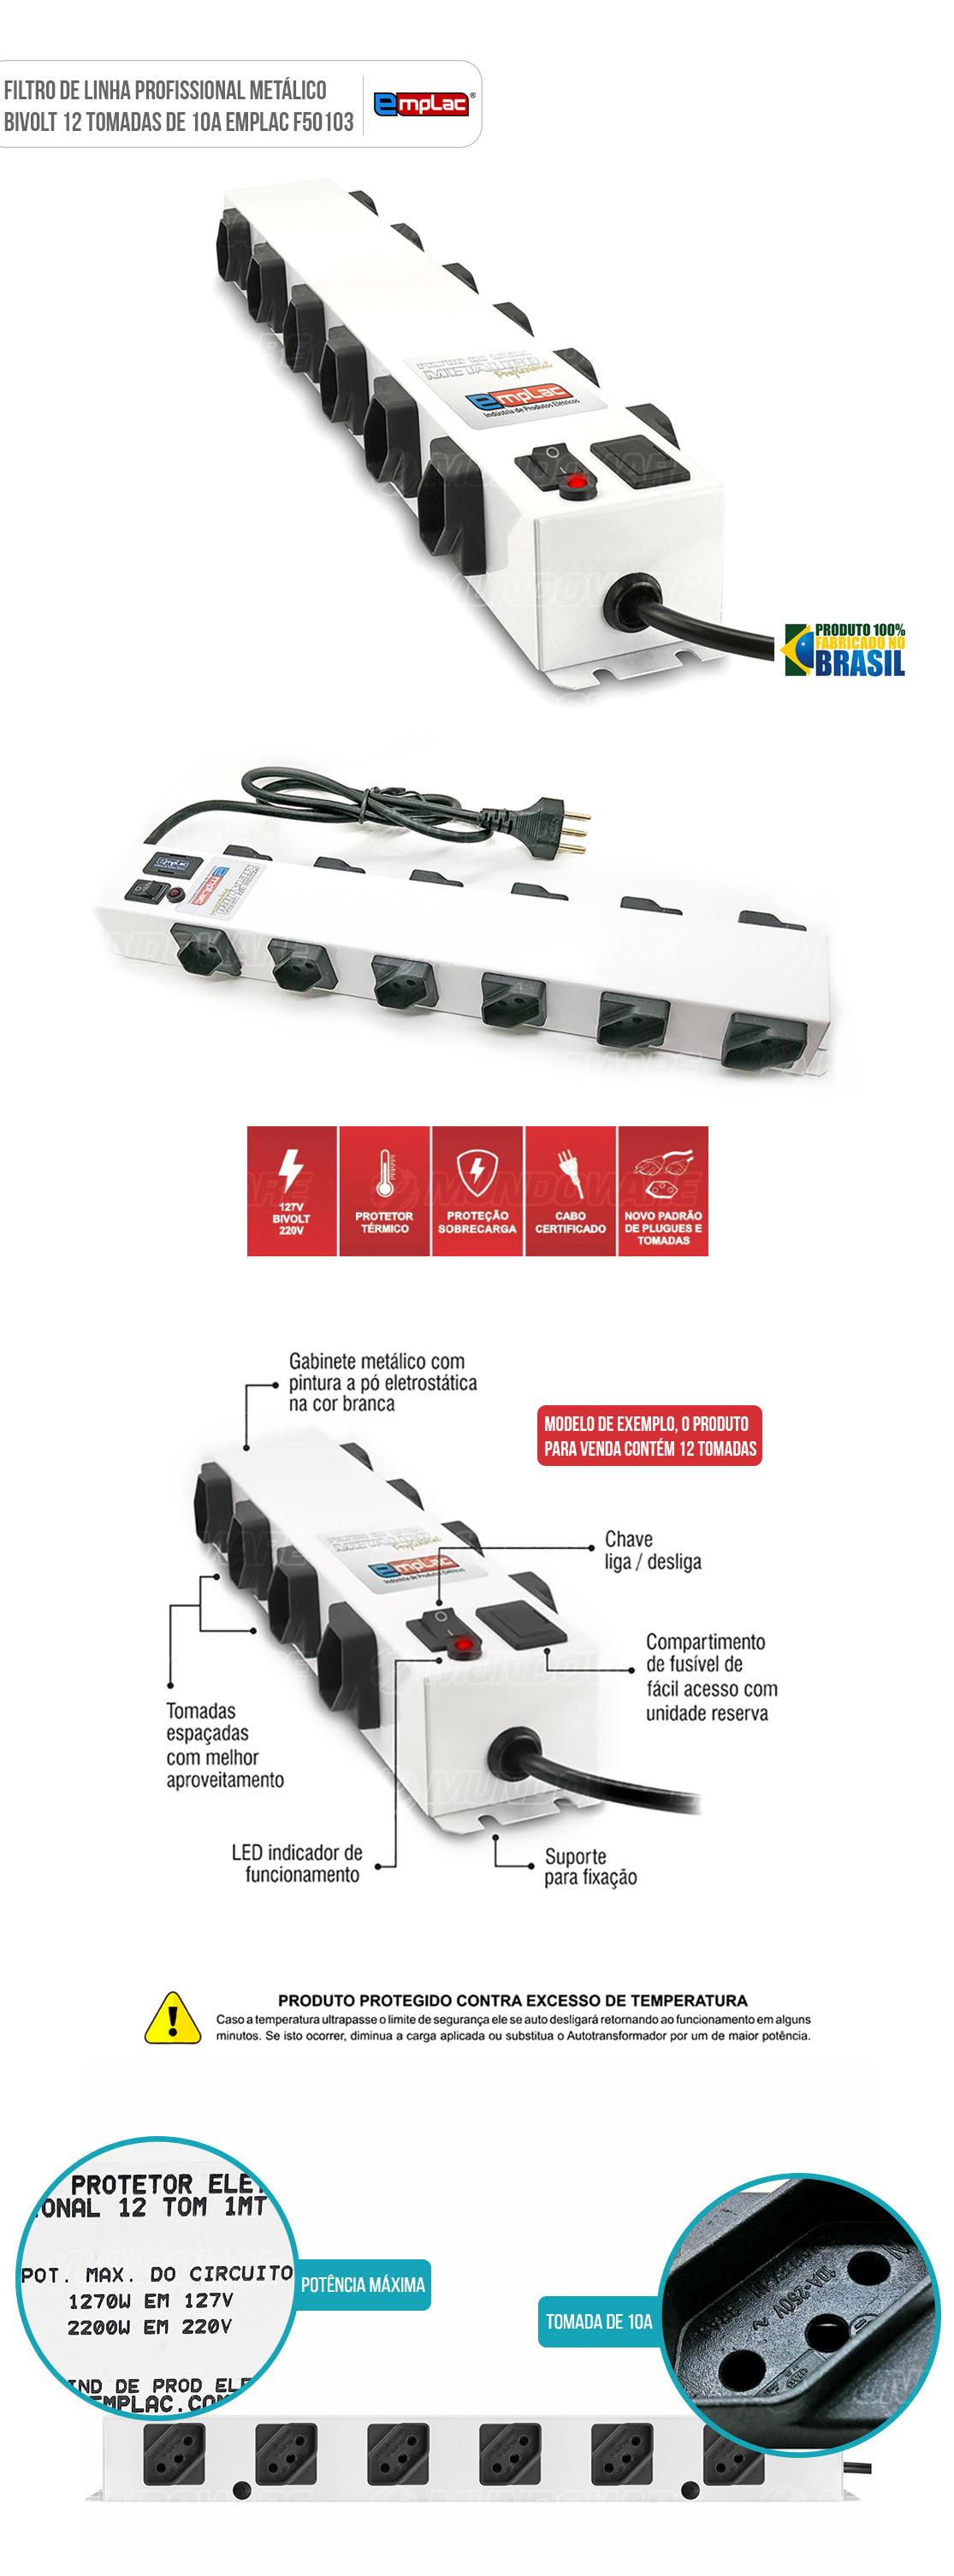 Filtro de Linha Régua com 12 tomadas Bivolt Metalico 10A com Led indicador e botão de liga-desliga